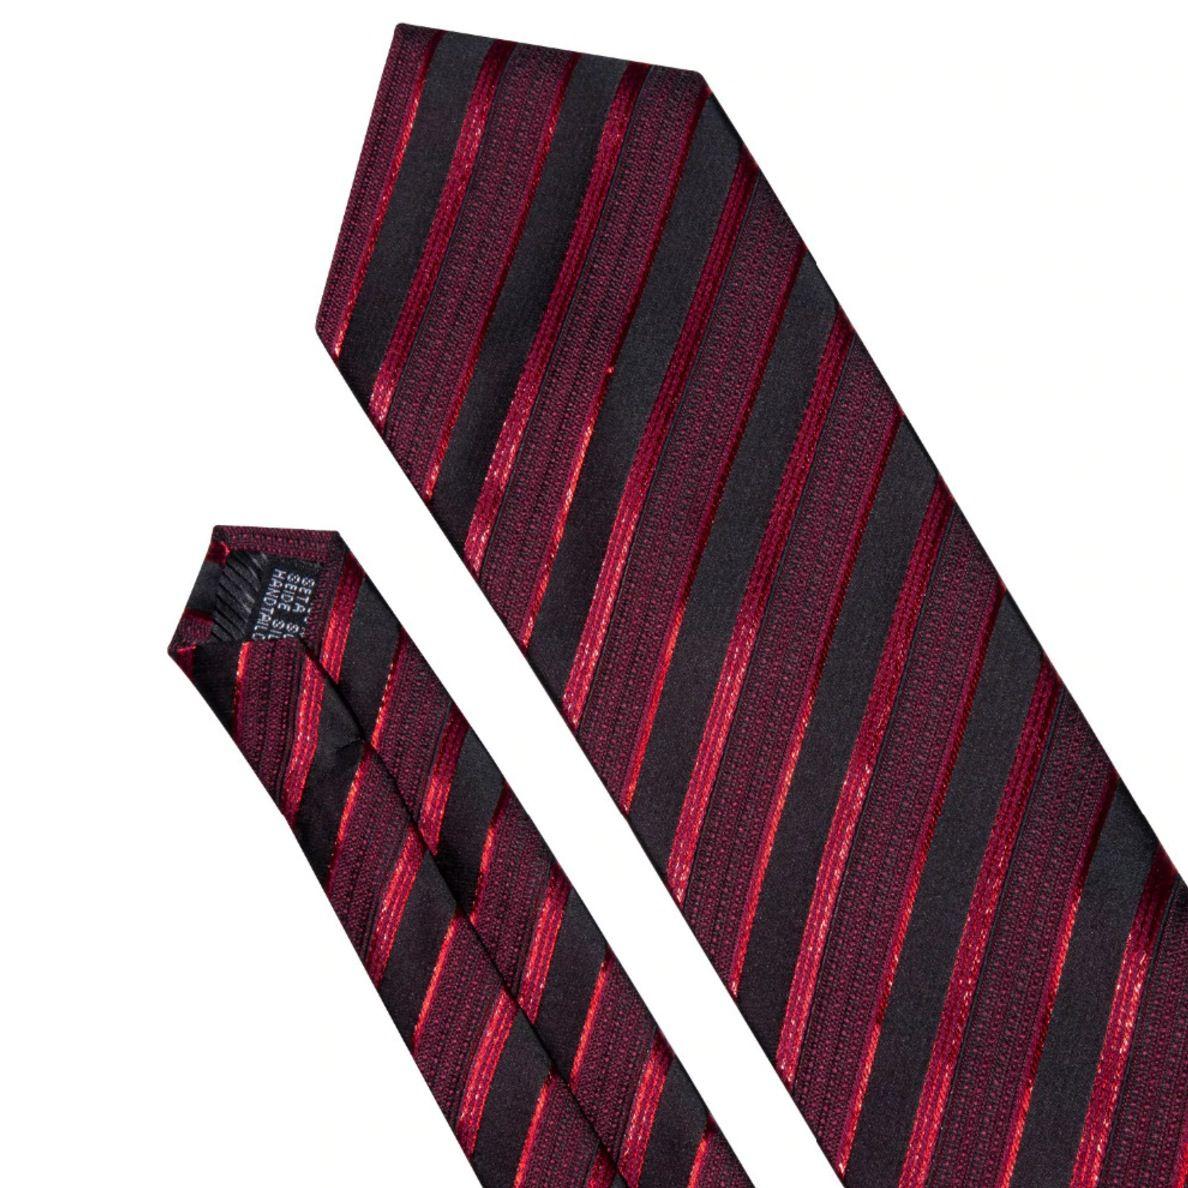 Gravata Seda Listrada Preta Vermelha Vinho Luxo +lenço +bots